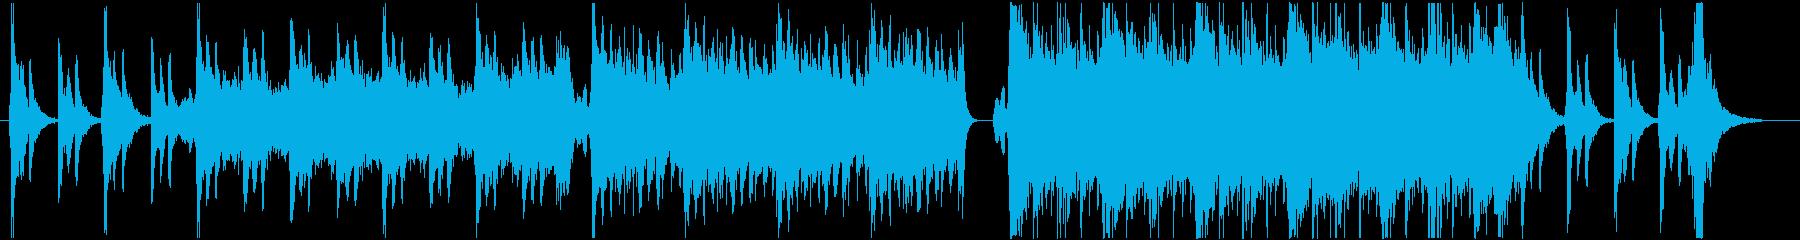 [逆境・戦闘・奇跡]オーケストラBGMの再生済みの波形